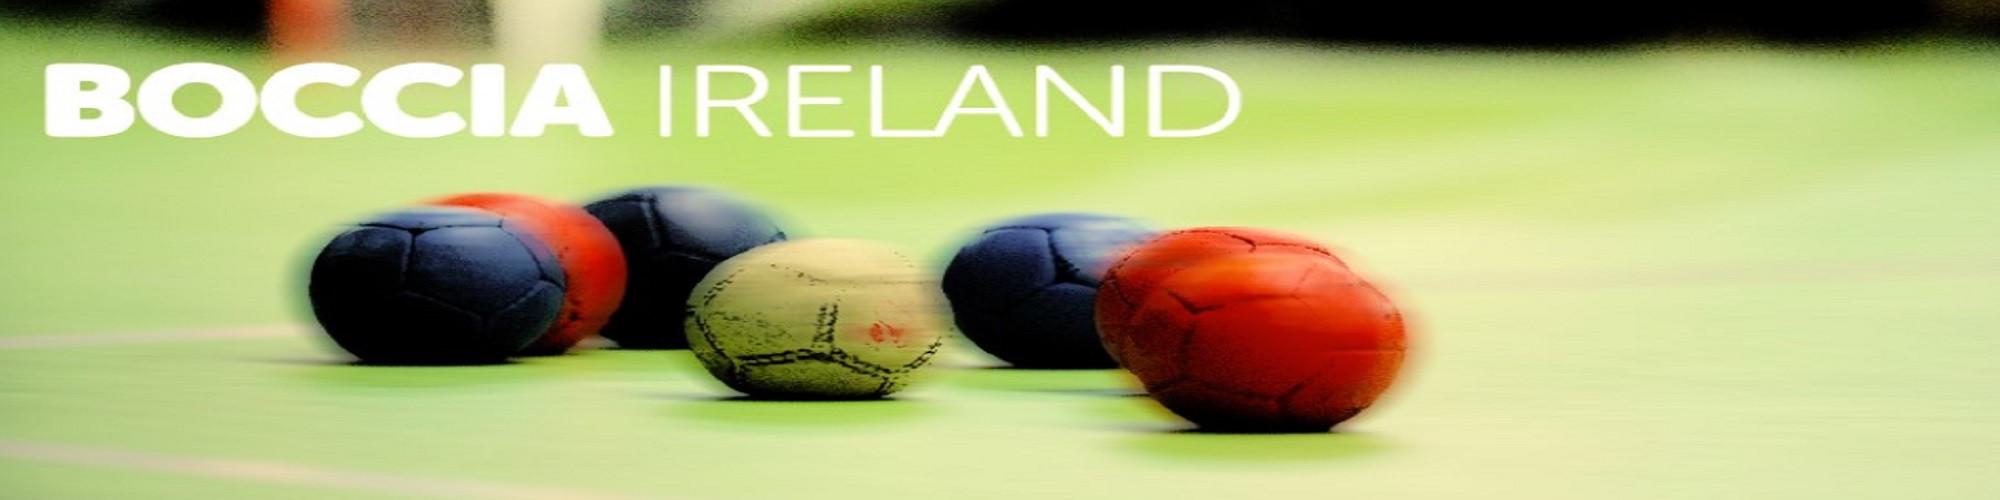 Boccia Ireland